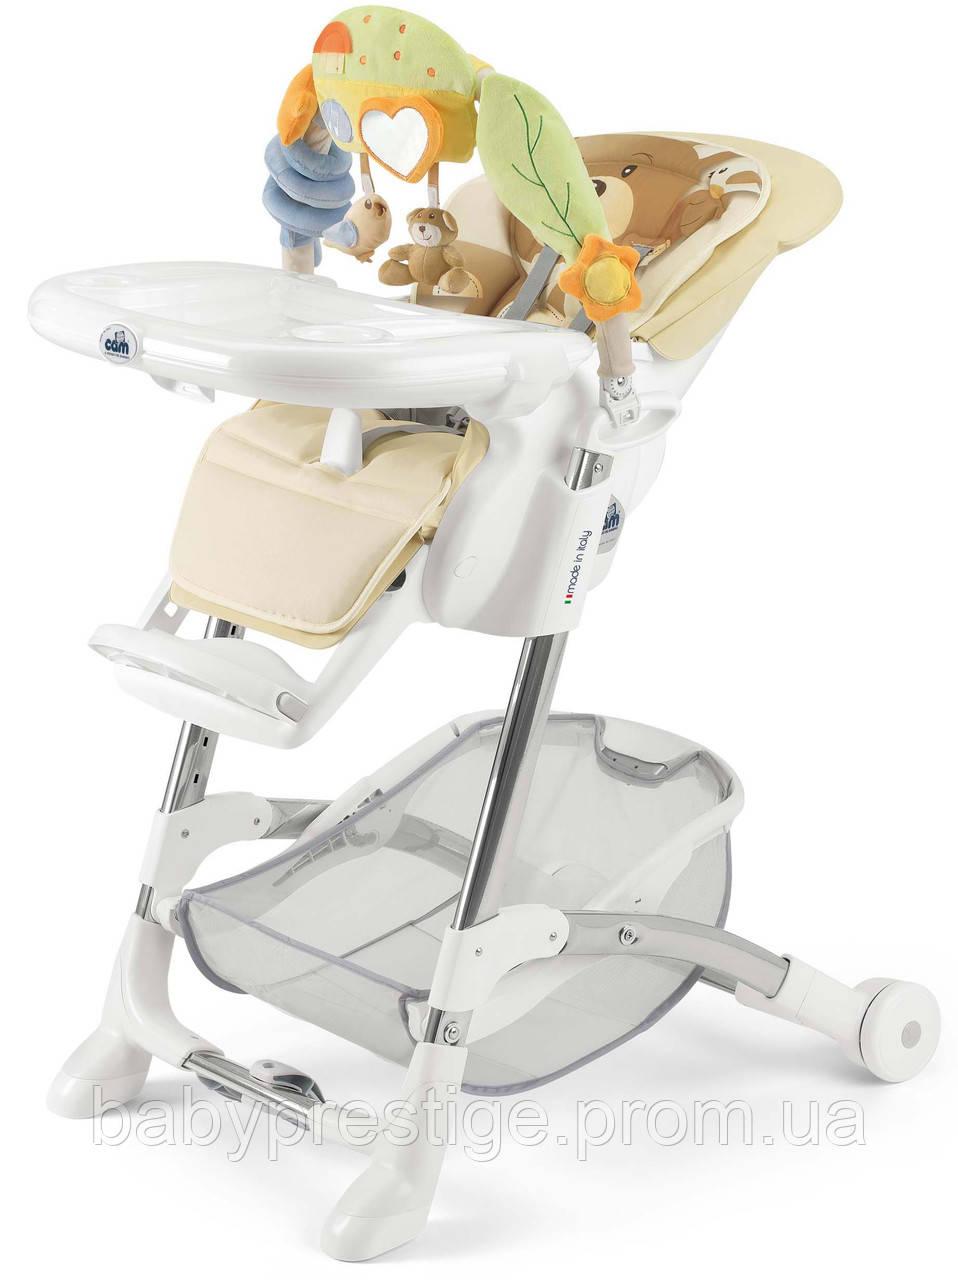 CAM Istante - стульчик для кормления